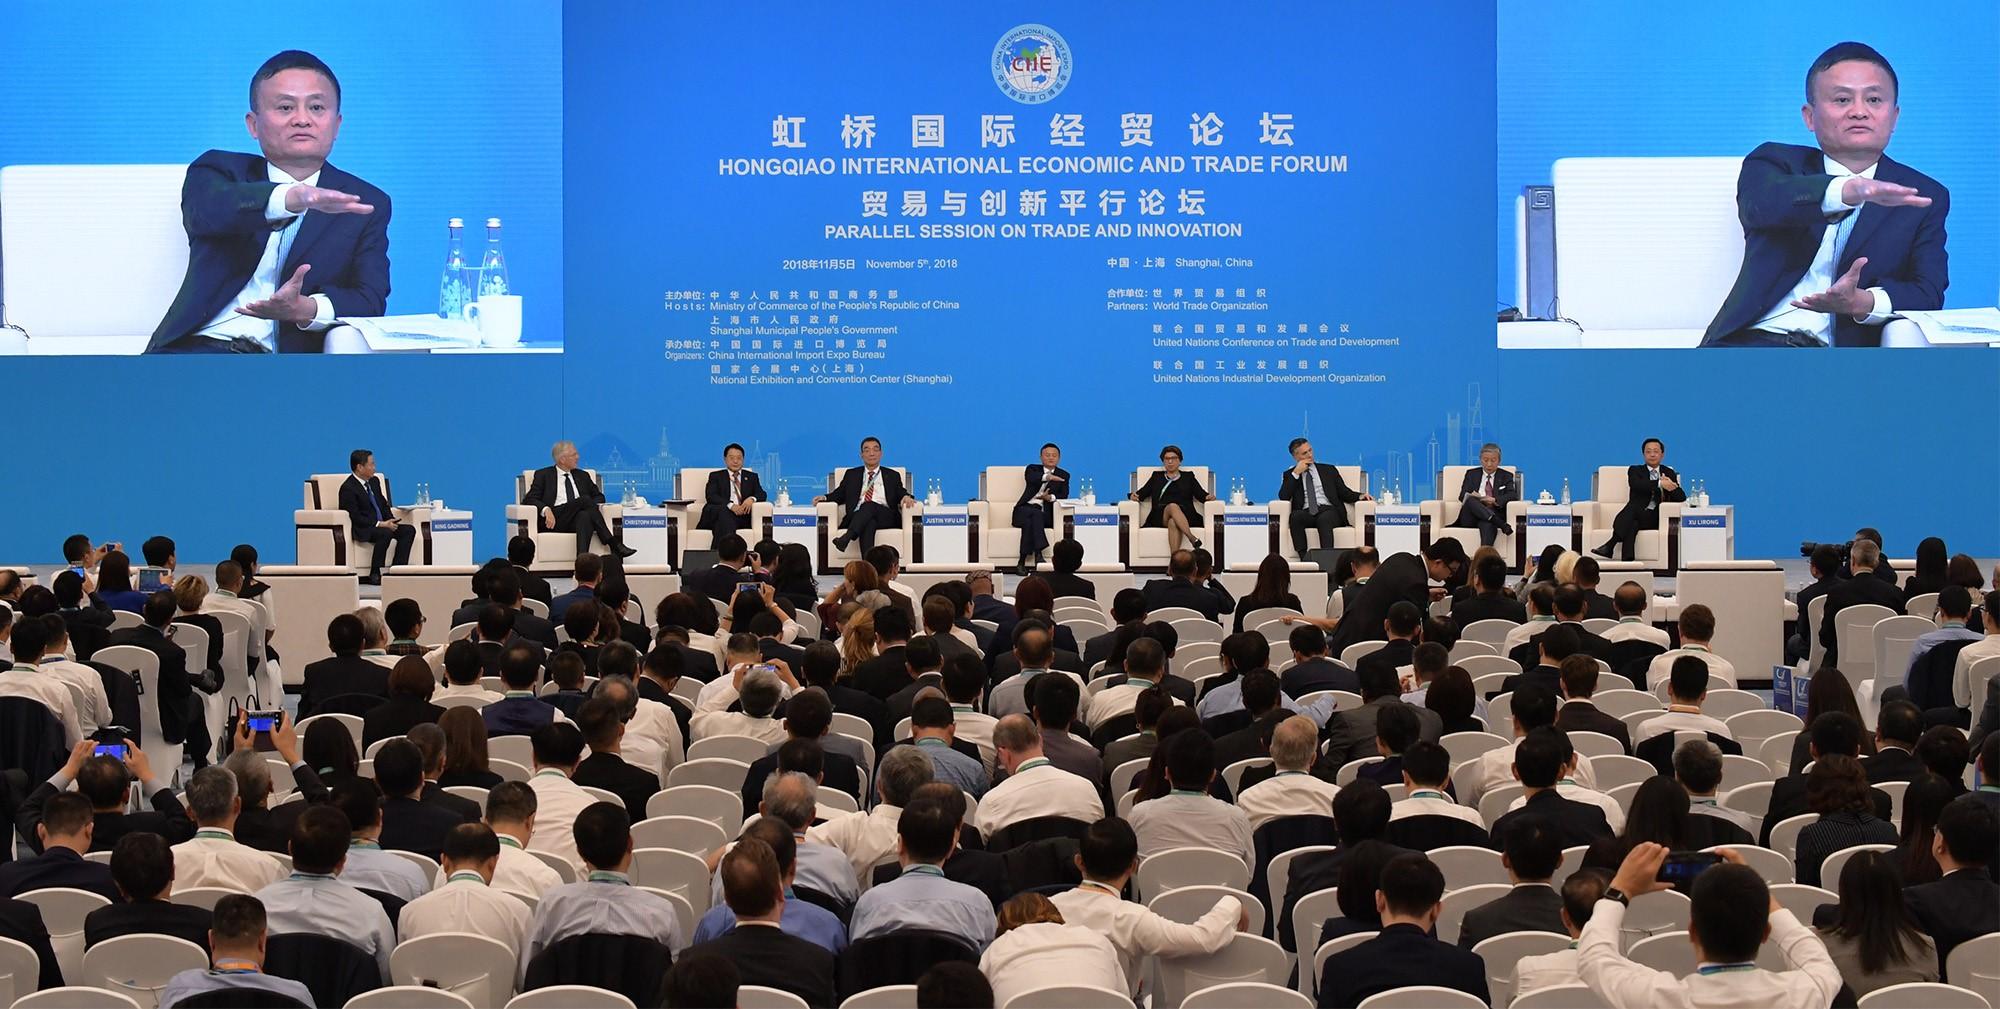 马云在进博会说了什么?未来95%的贸易在网上